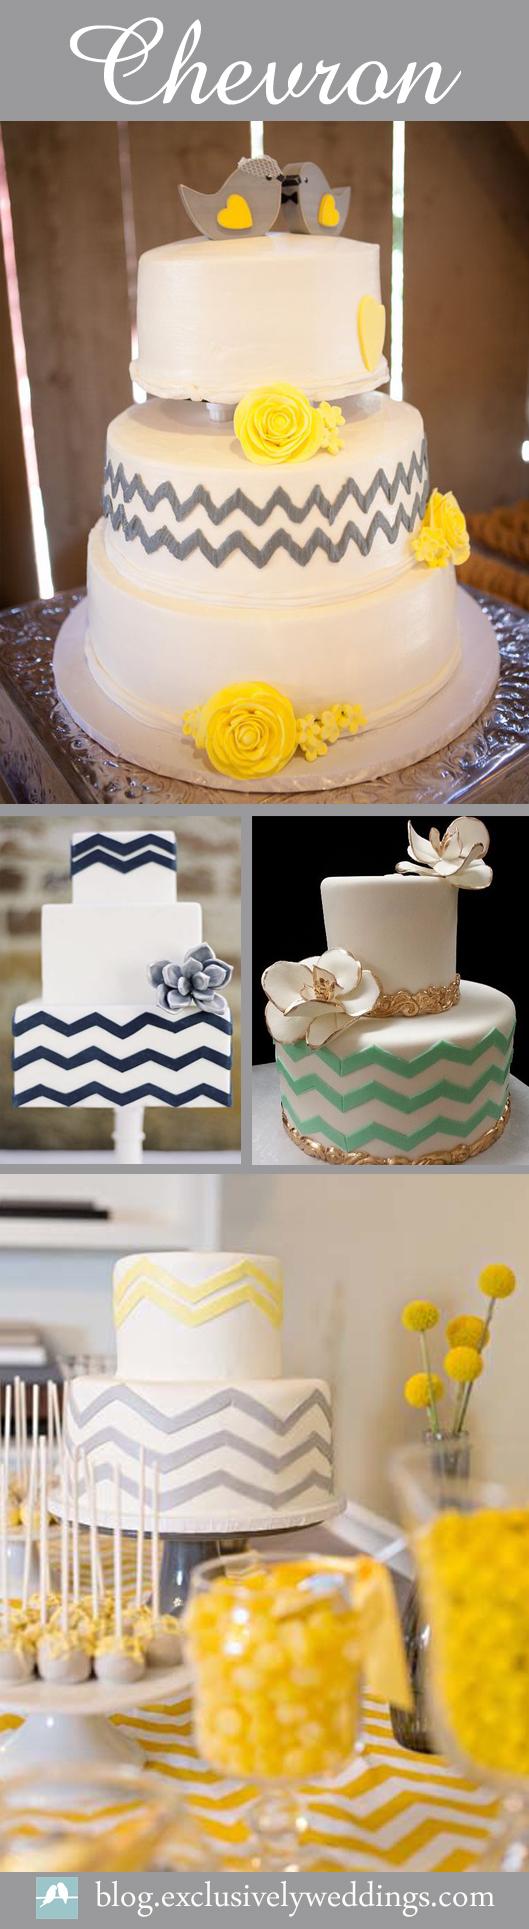 Chevron-Wedding-Cake-Ideas